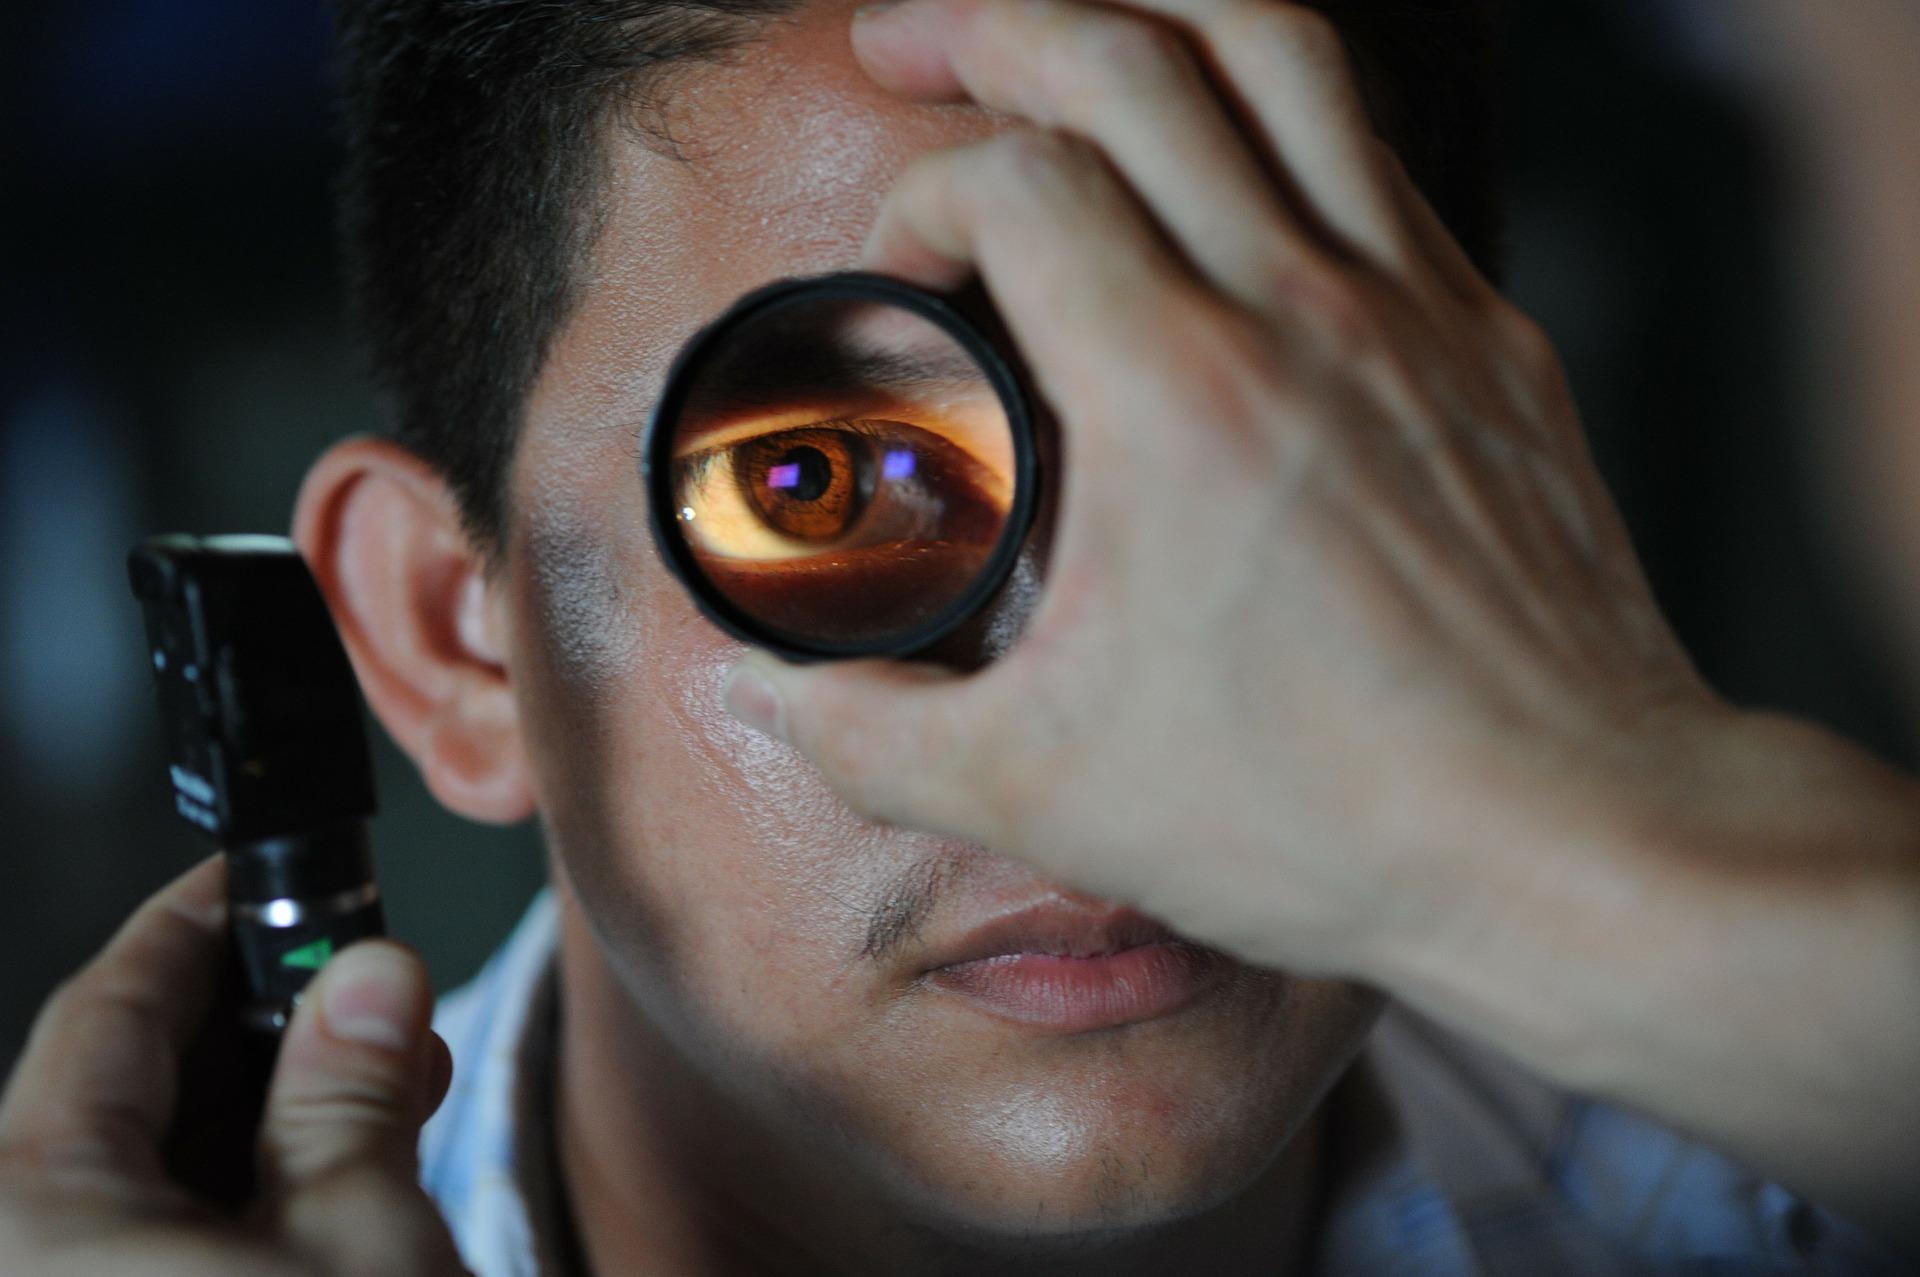 elmiron-eye-damage-lawsuit